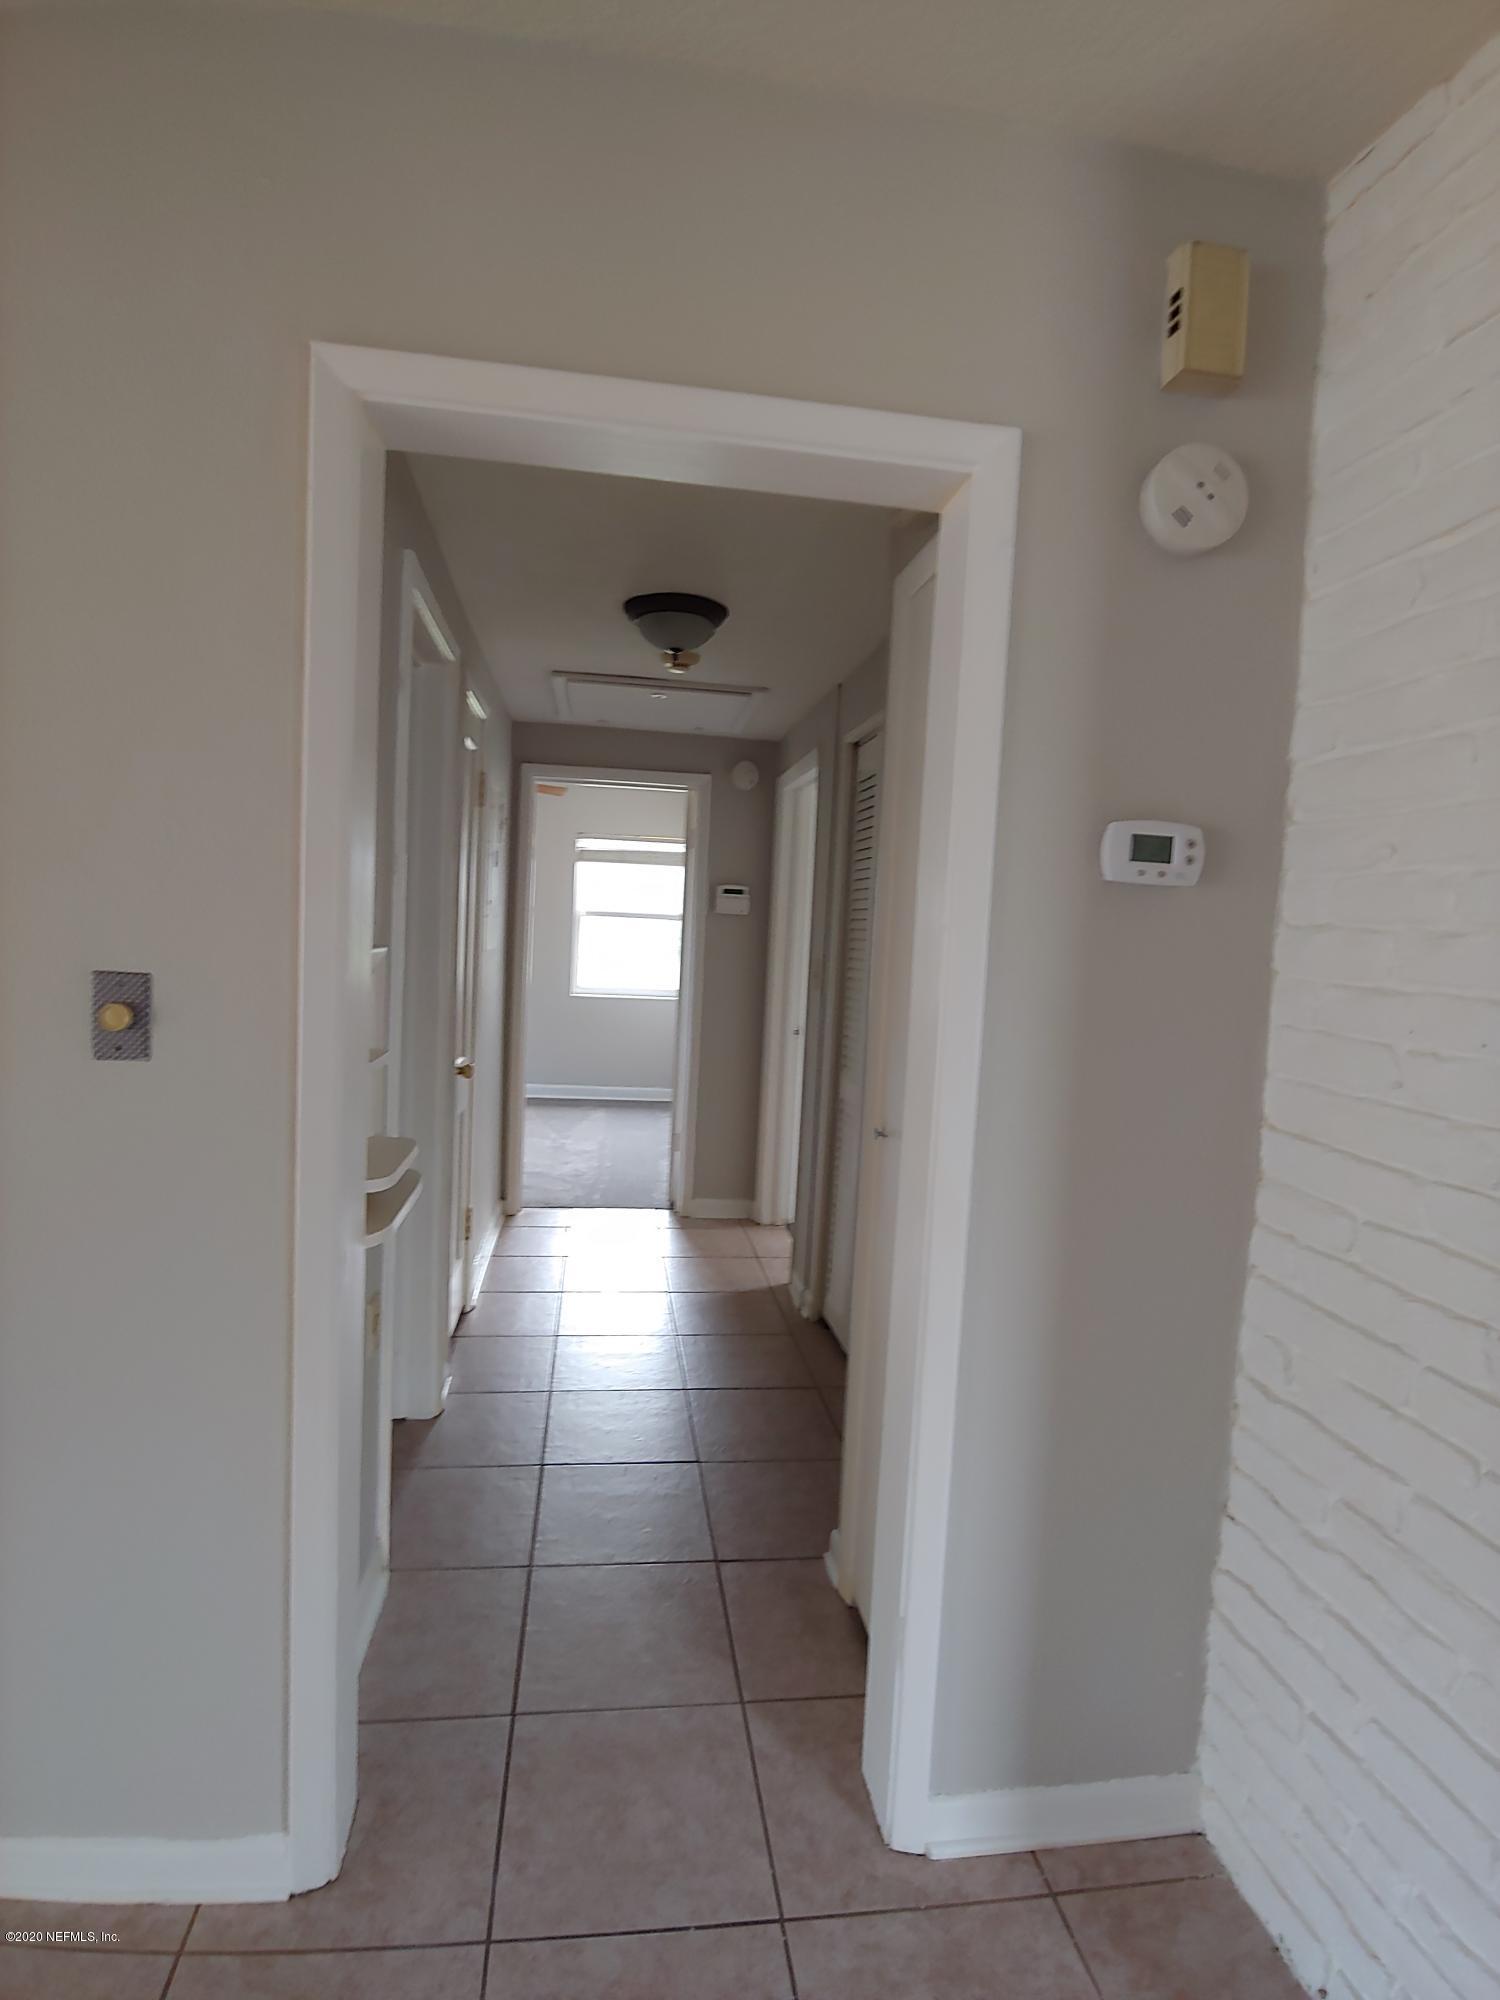 2121 CLEMSON, JACKSONVILLE, FLORIDA 32217, 2 Bedrooms Bedrooms, ,2 BathroomsBathrooms,Rental,For Rent,CLEMSON,1080555